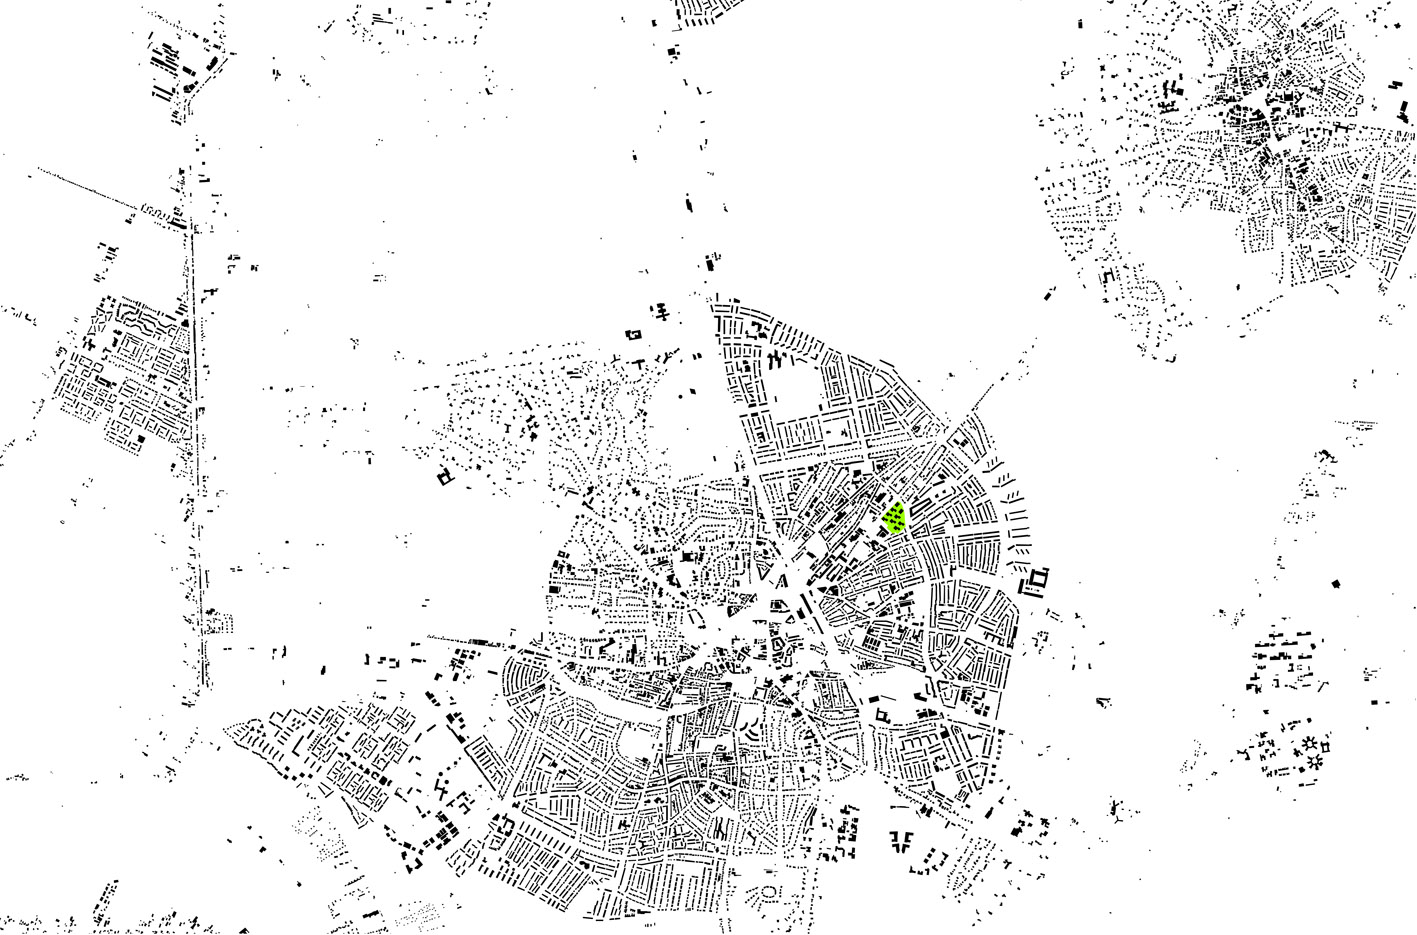 Lucent terrein Ripolin Hilversum stedenbouwkundig plan 2 Alliantie Atelier PUUUR